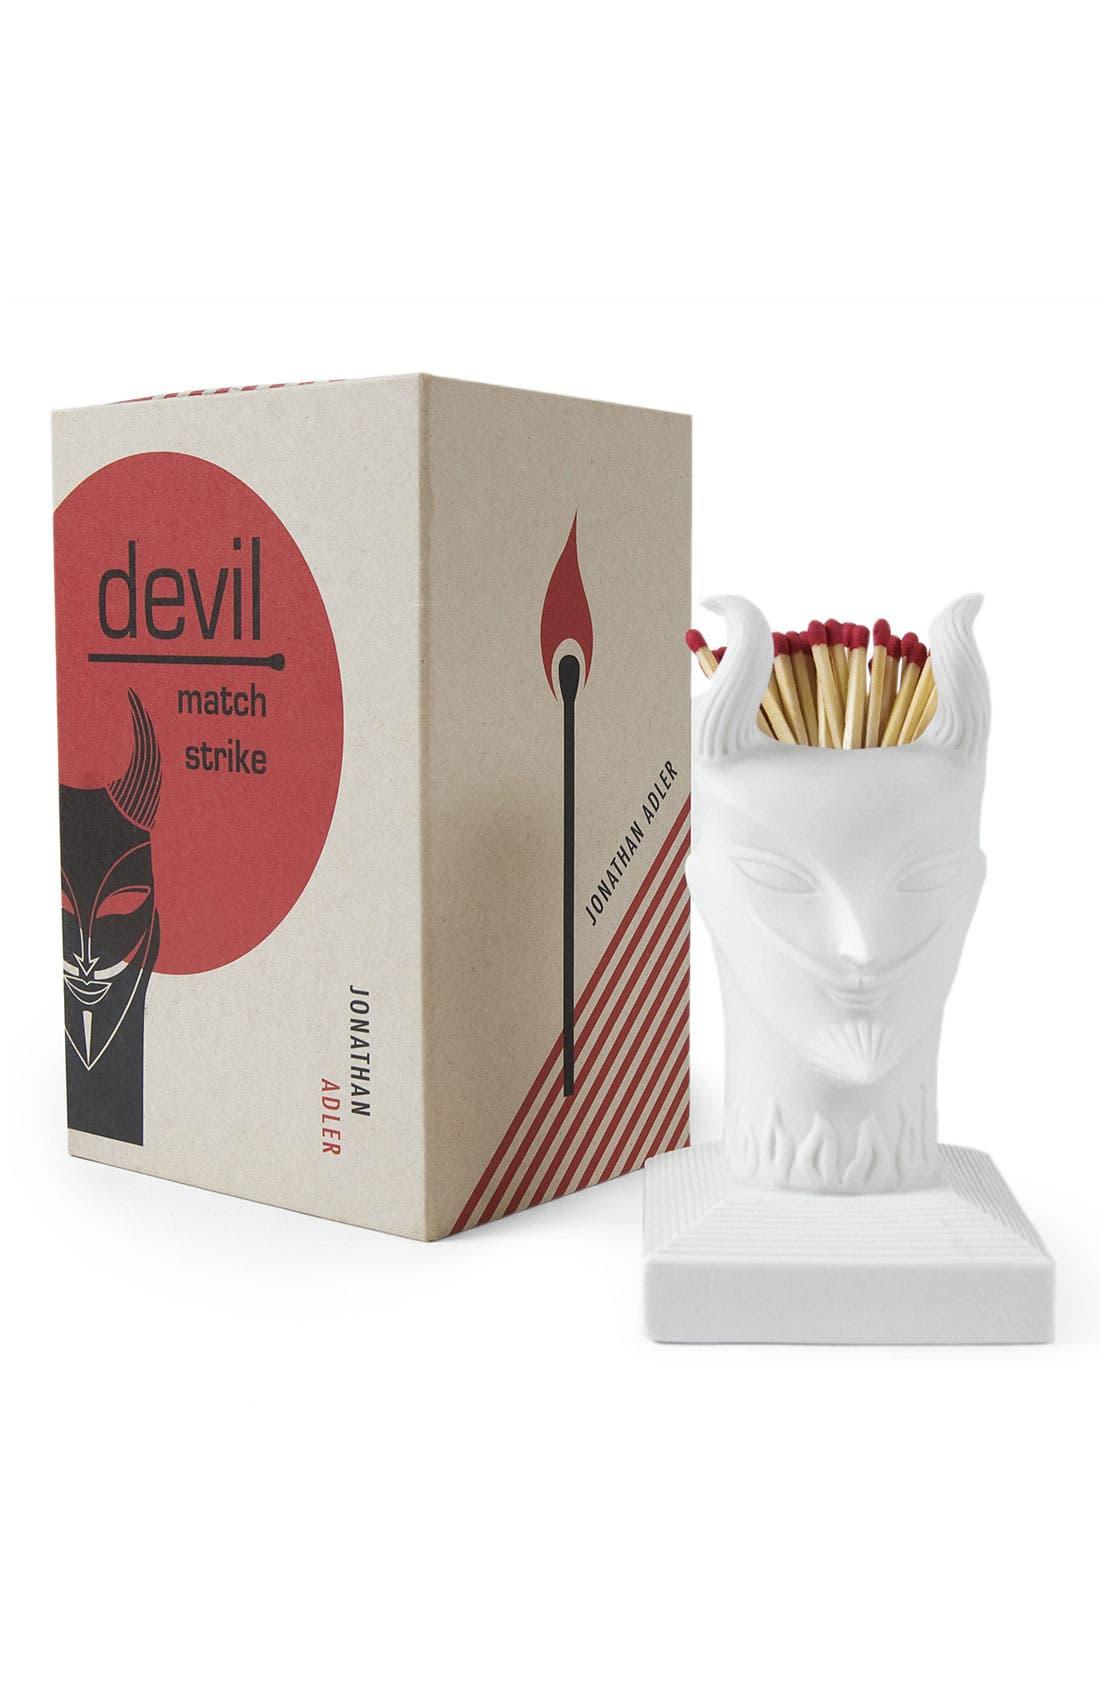 Main Image - Jonathan Adler 'Devil' Porcelain Match Strike